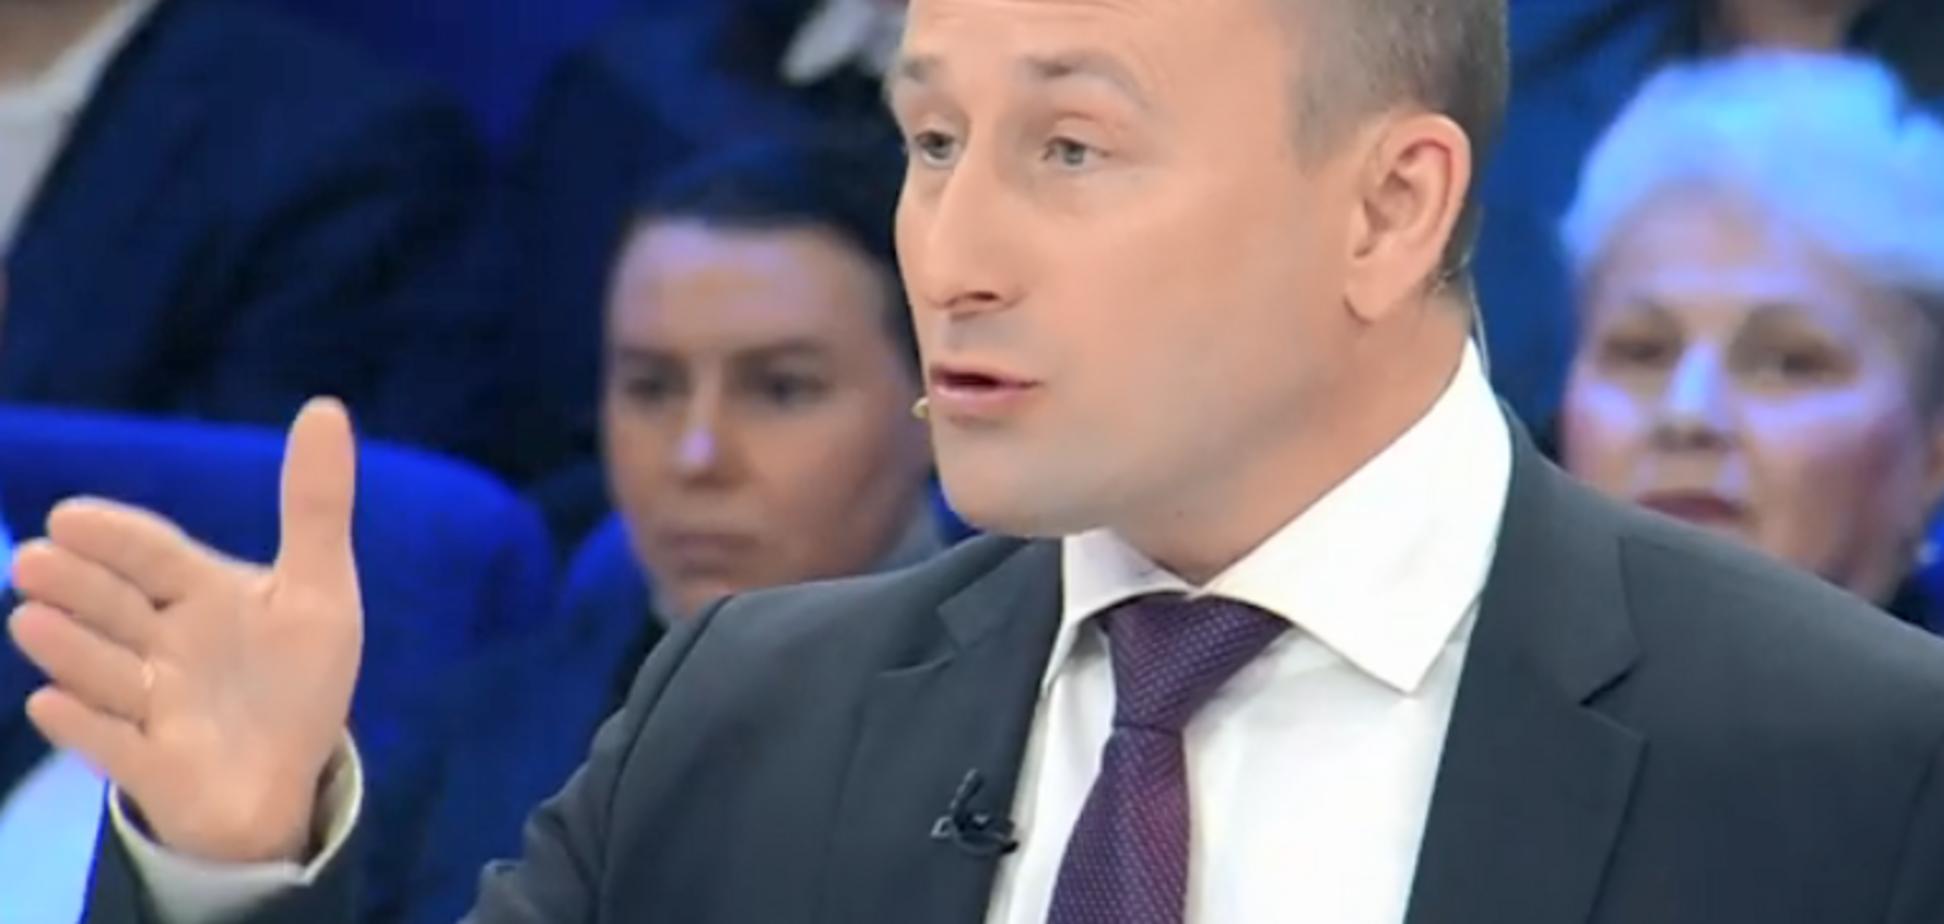 ''Будем в одной стране'': идеолог 'русского мира' забредил присоединением Украины к России